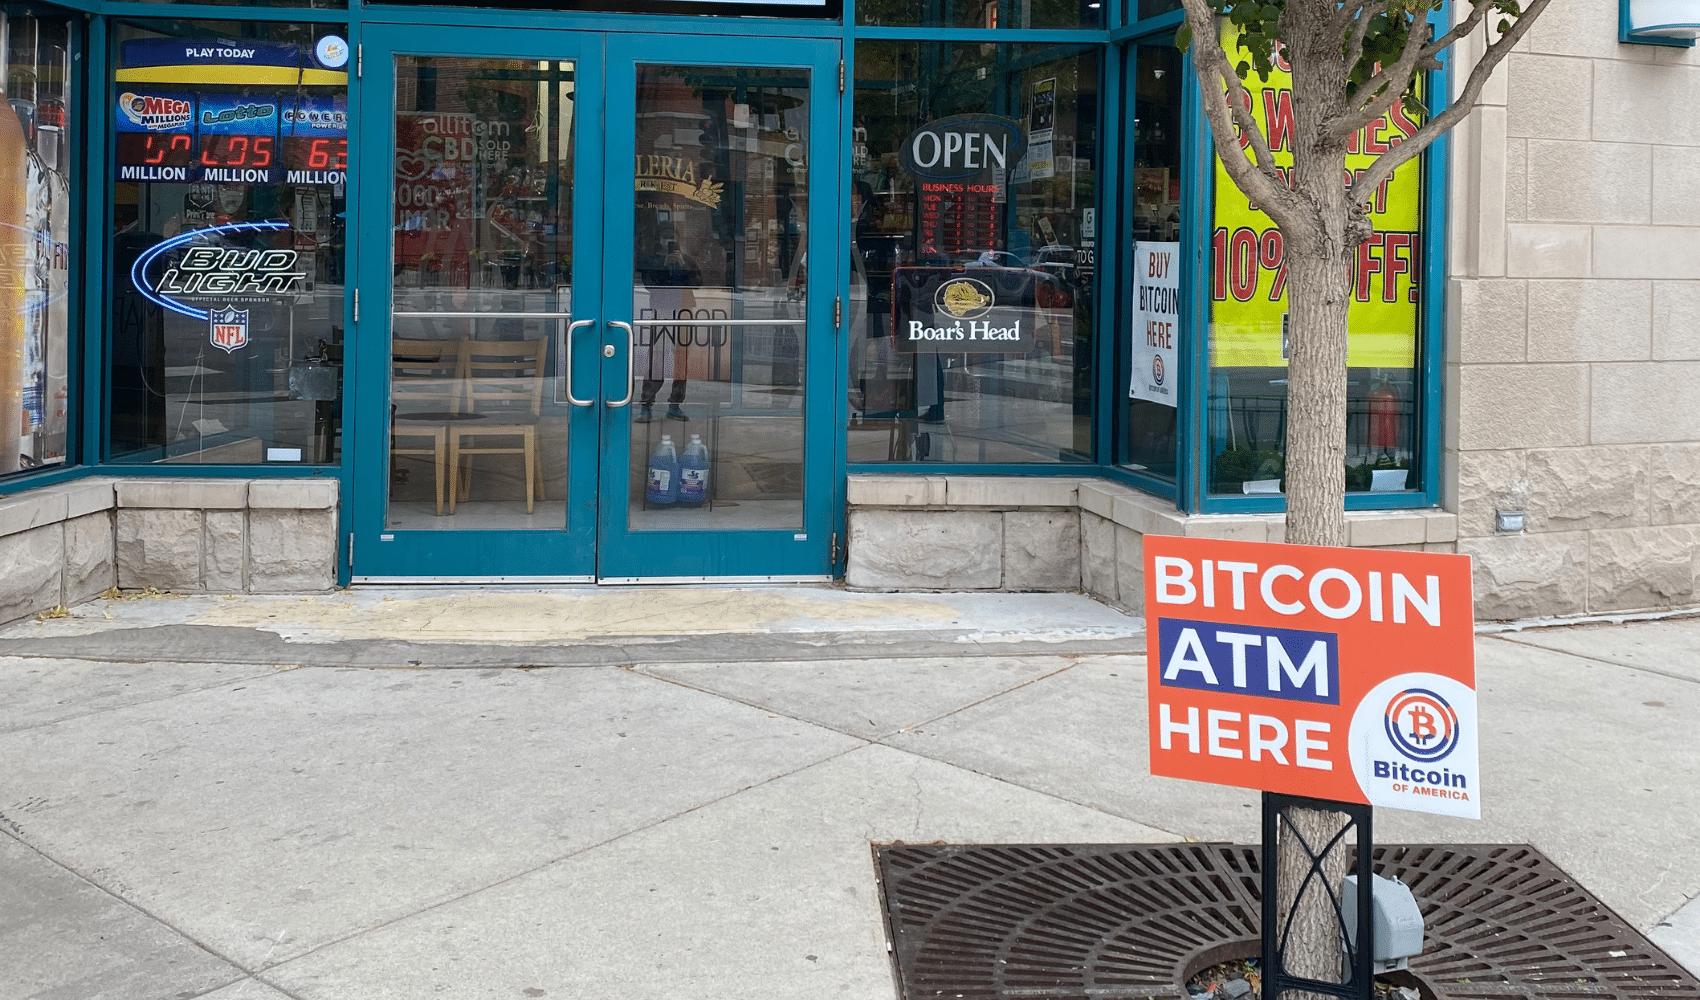 How to Safely Use a Bitcoin Kiosk